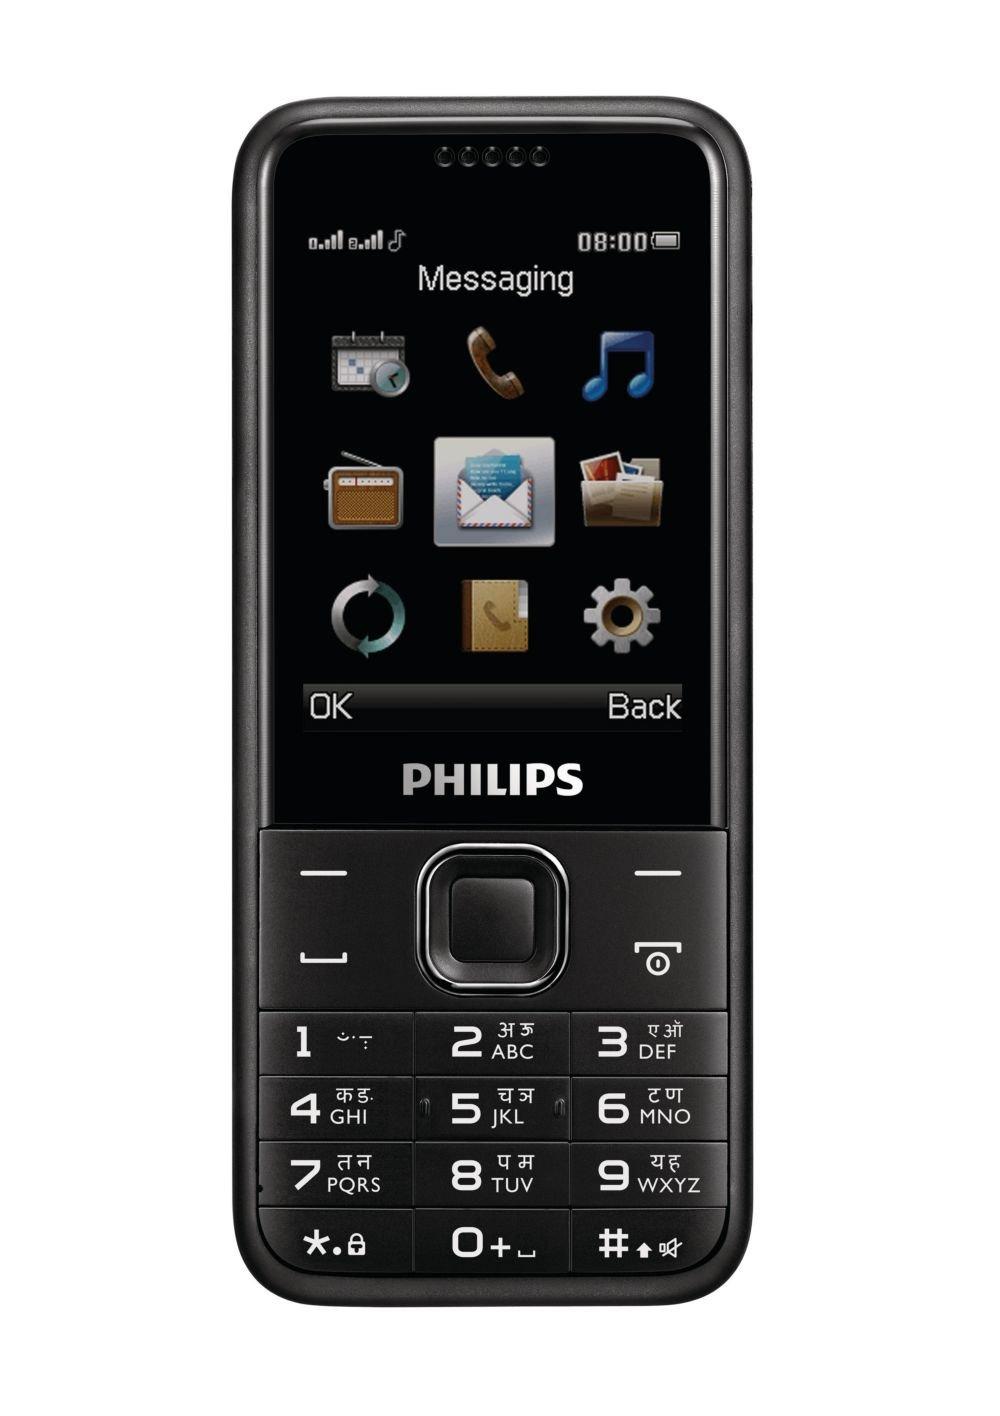 Philips E162 Image